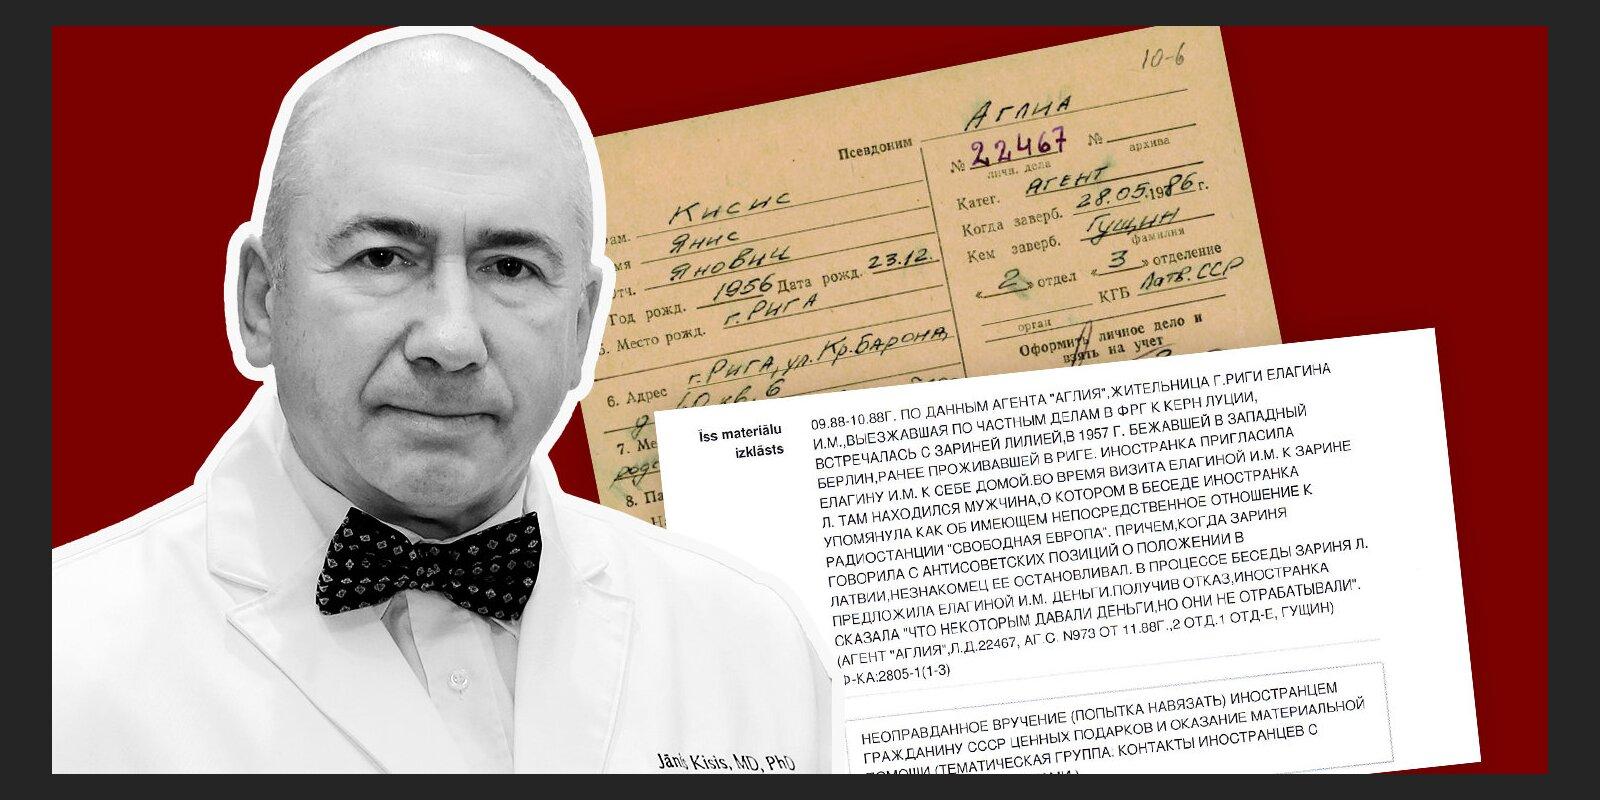 'Maisi vaļā': 'Aglija' ziņo par bēgli no PSRS, ārste atpazīst dermatologu Ķīsi, tiesa spriež - nav sadarbojies